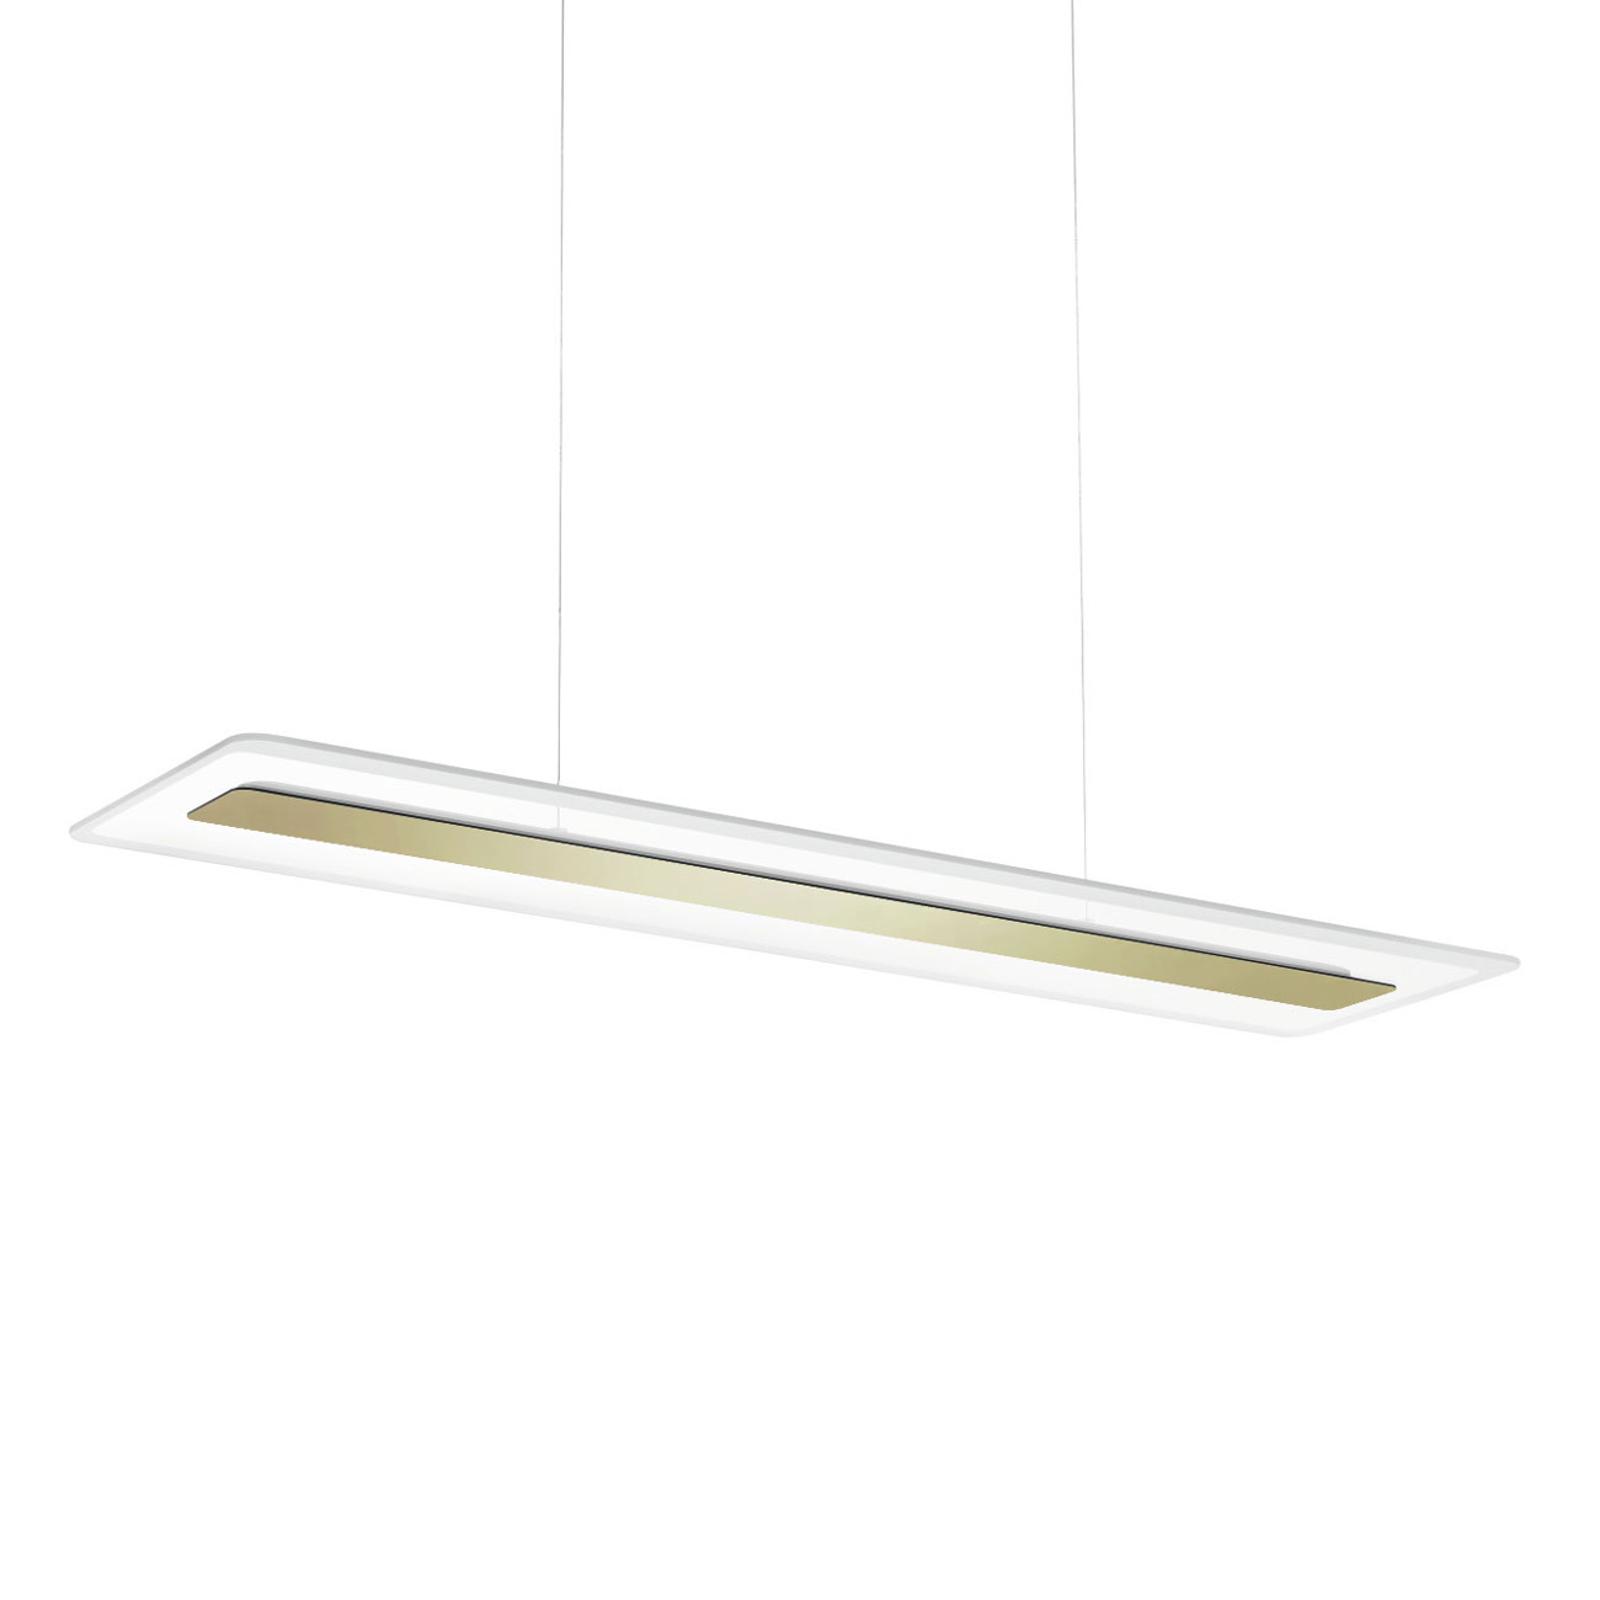 LED hanglamp Antille, glas, rechthoekig, goud